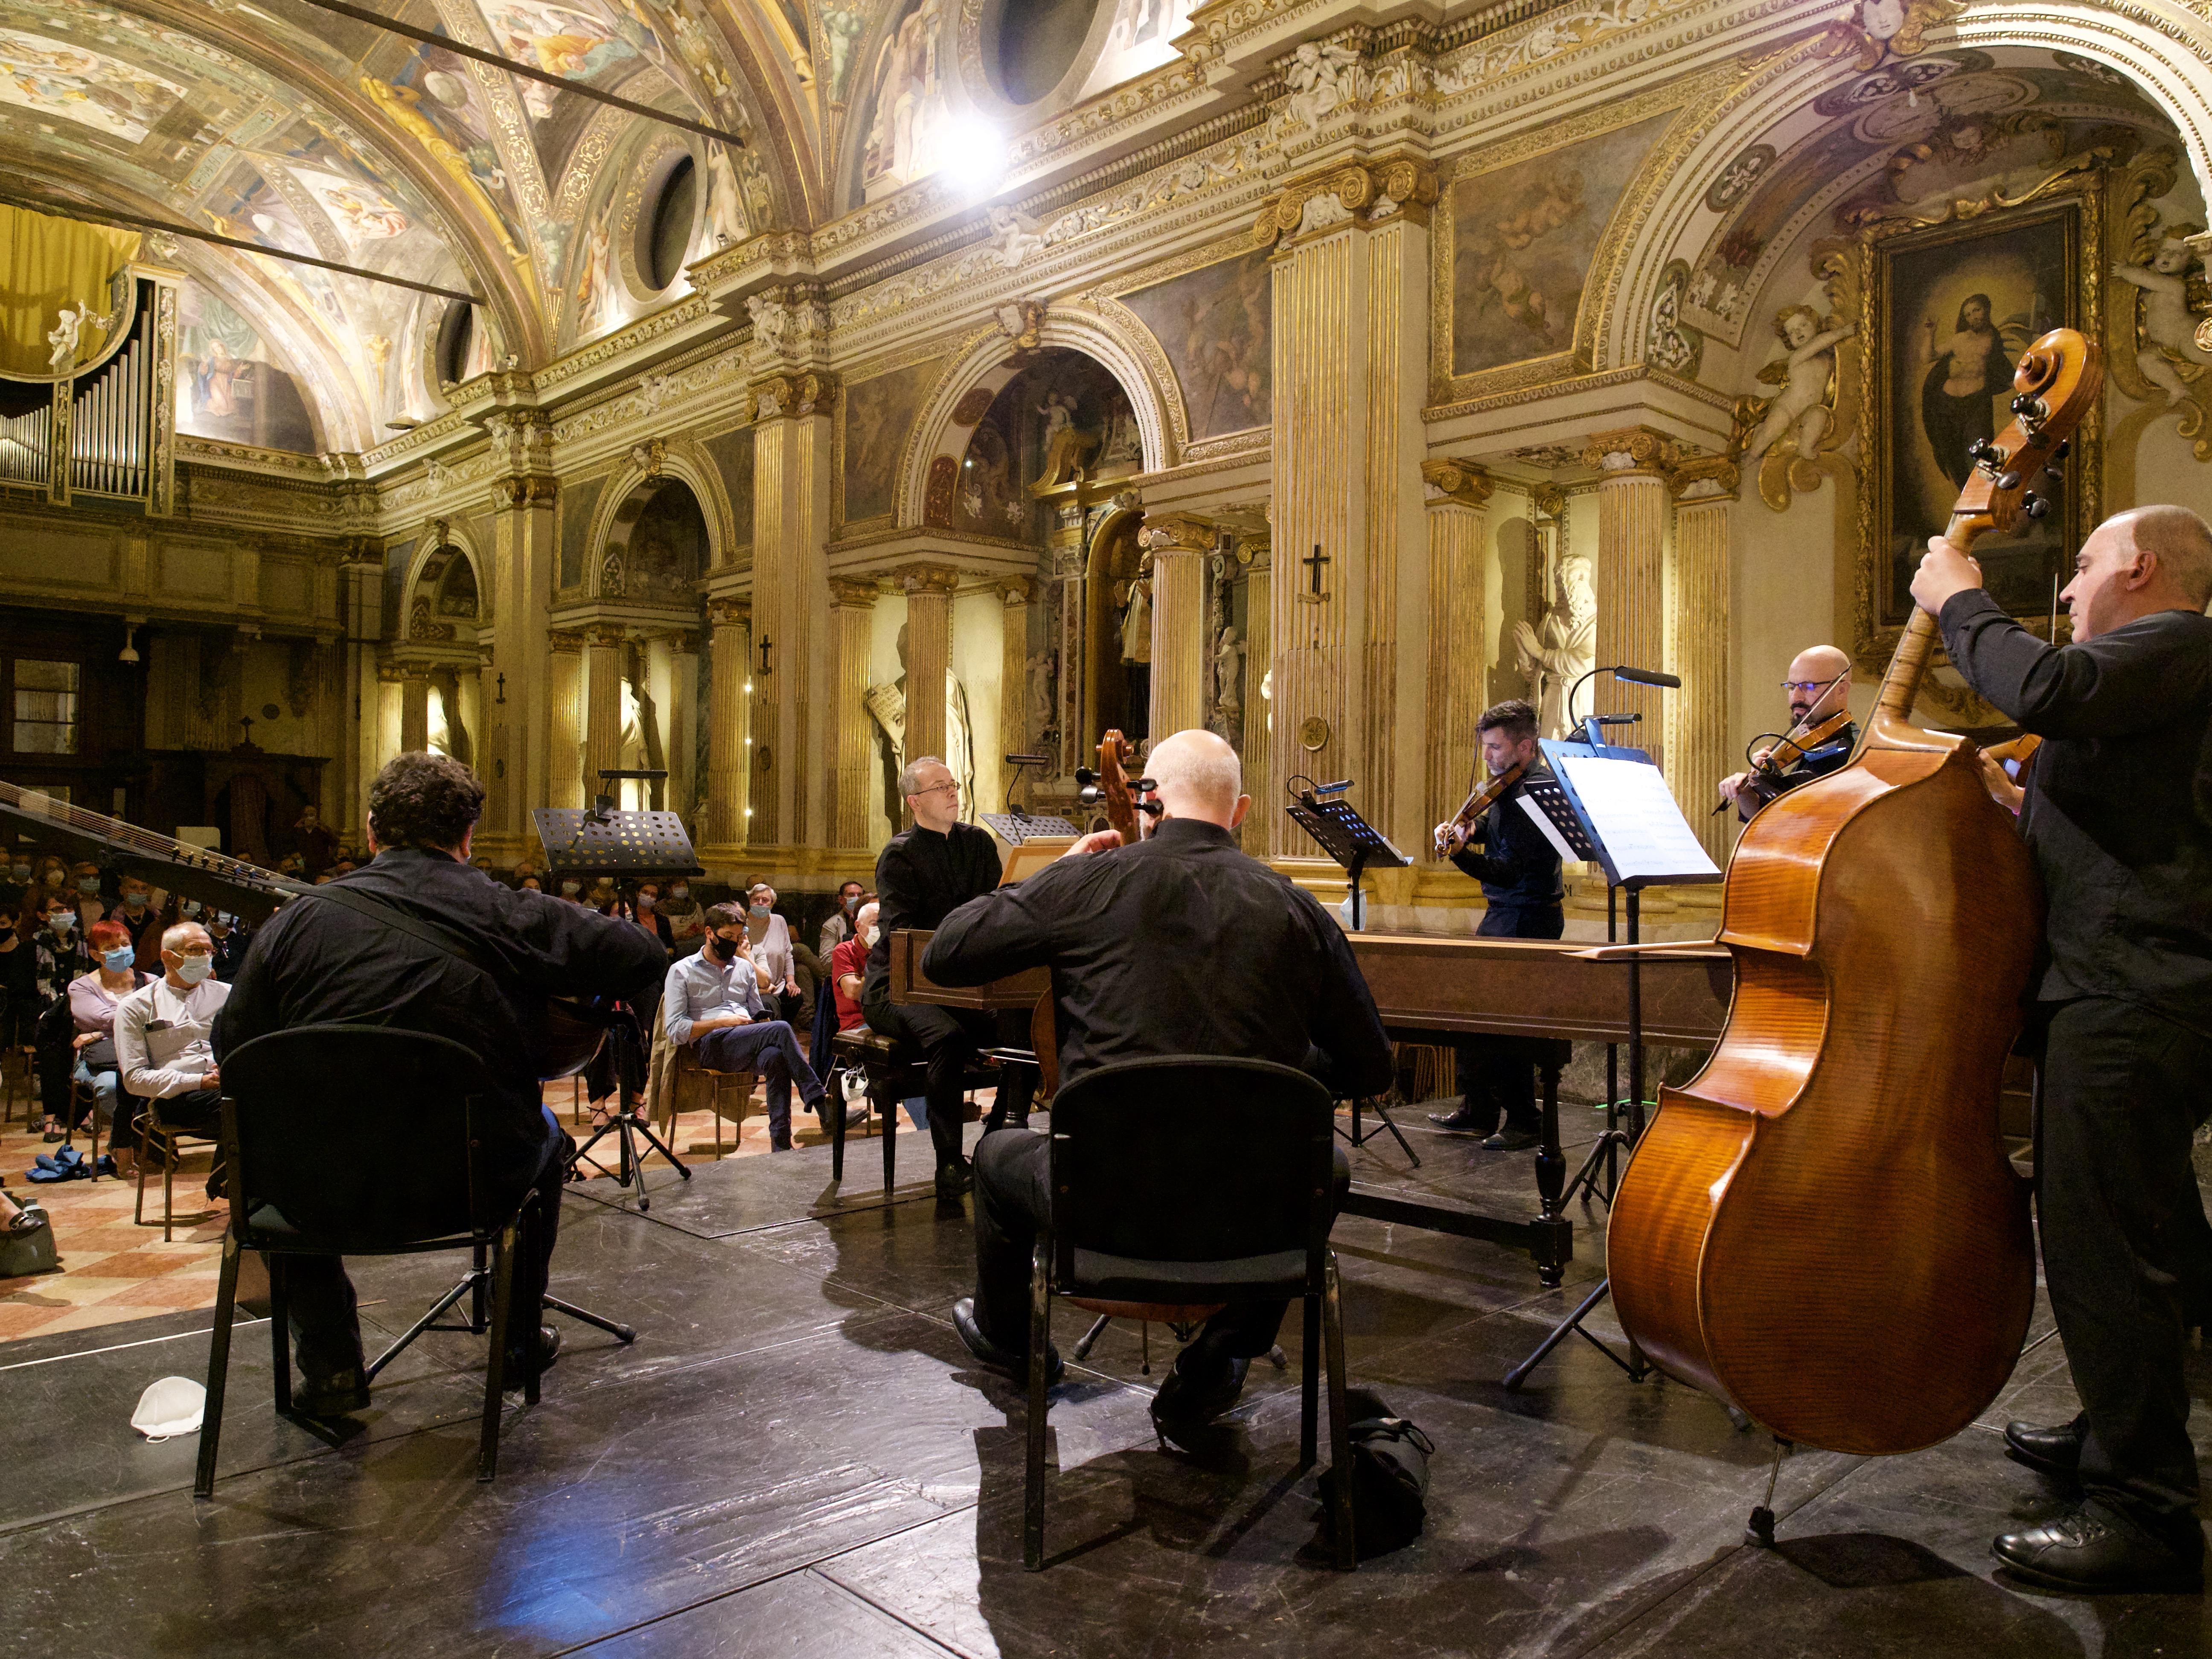 Foto concessa dall'ufficio stampa del Monteverdi Festival